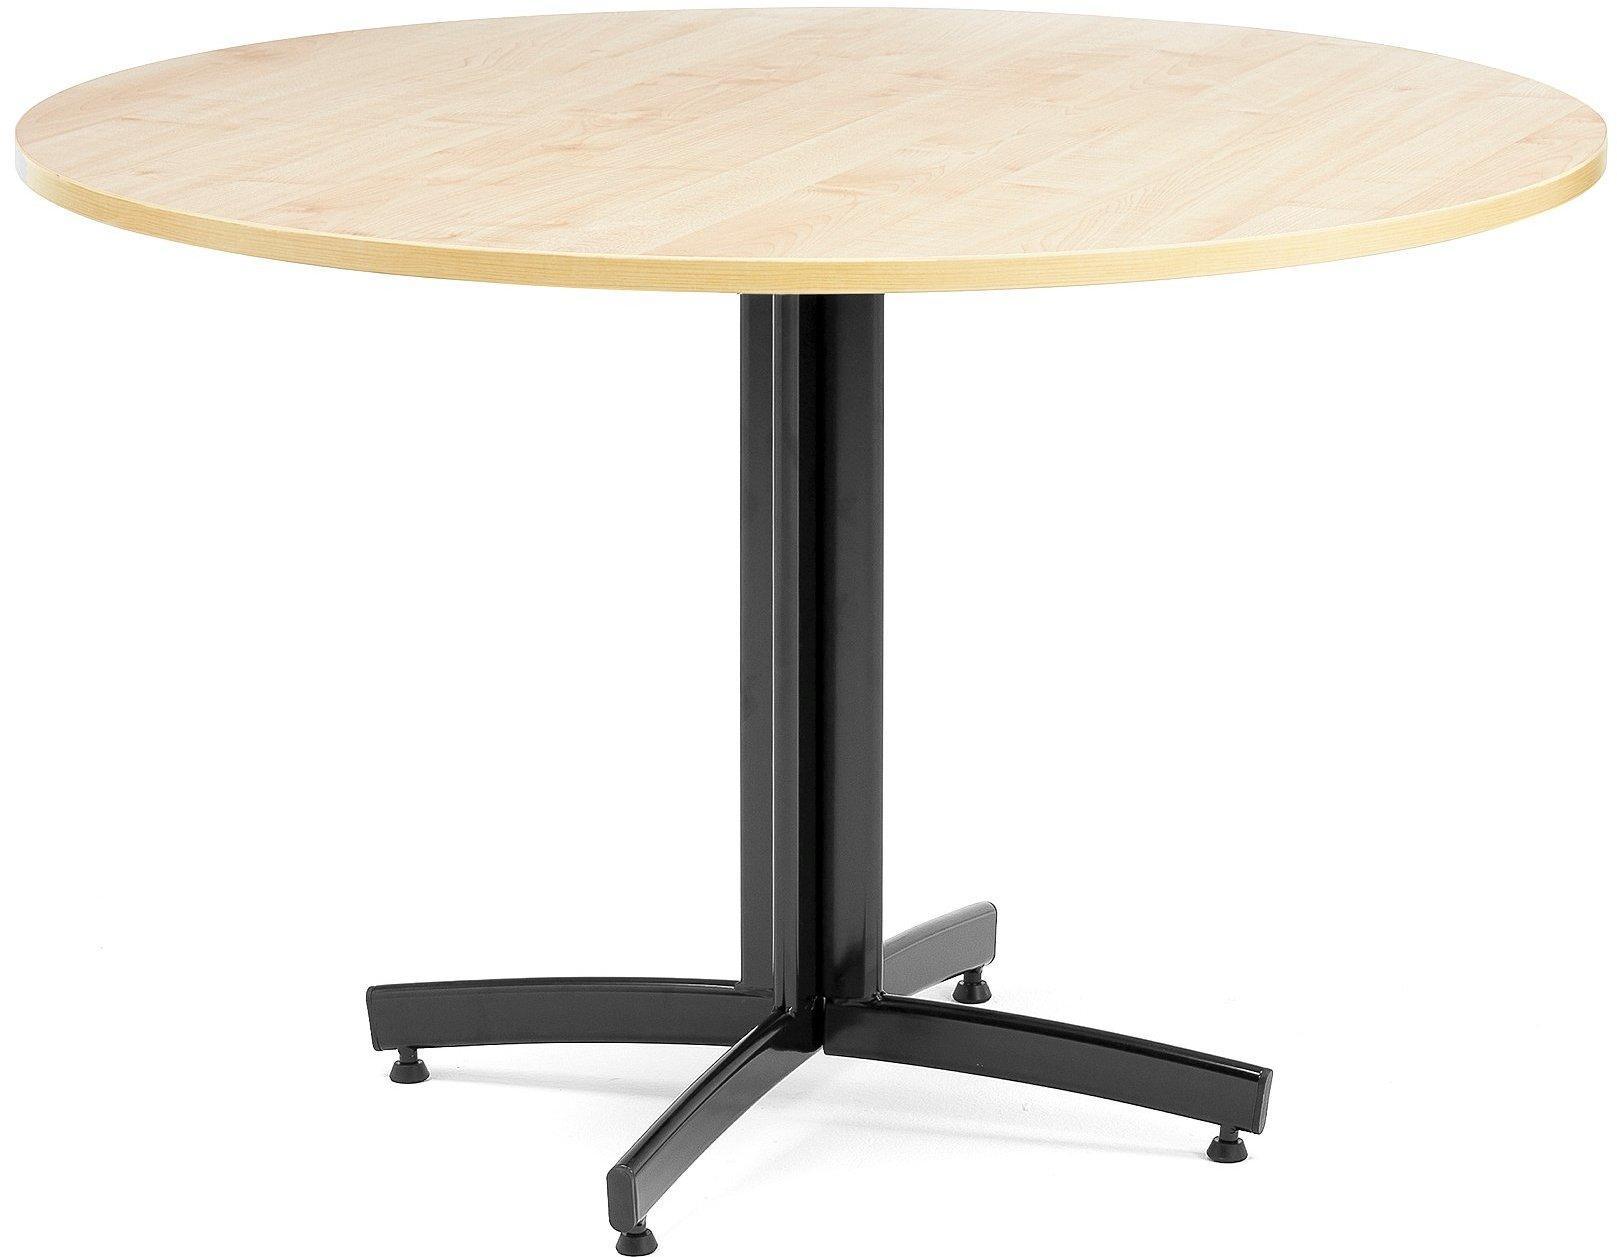 Jedálenský stôl Sanna, okrúhly Ø 1100 x V 720 mm, breza / čierna